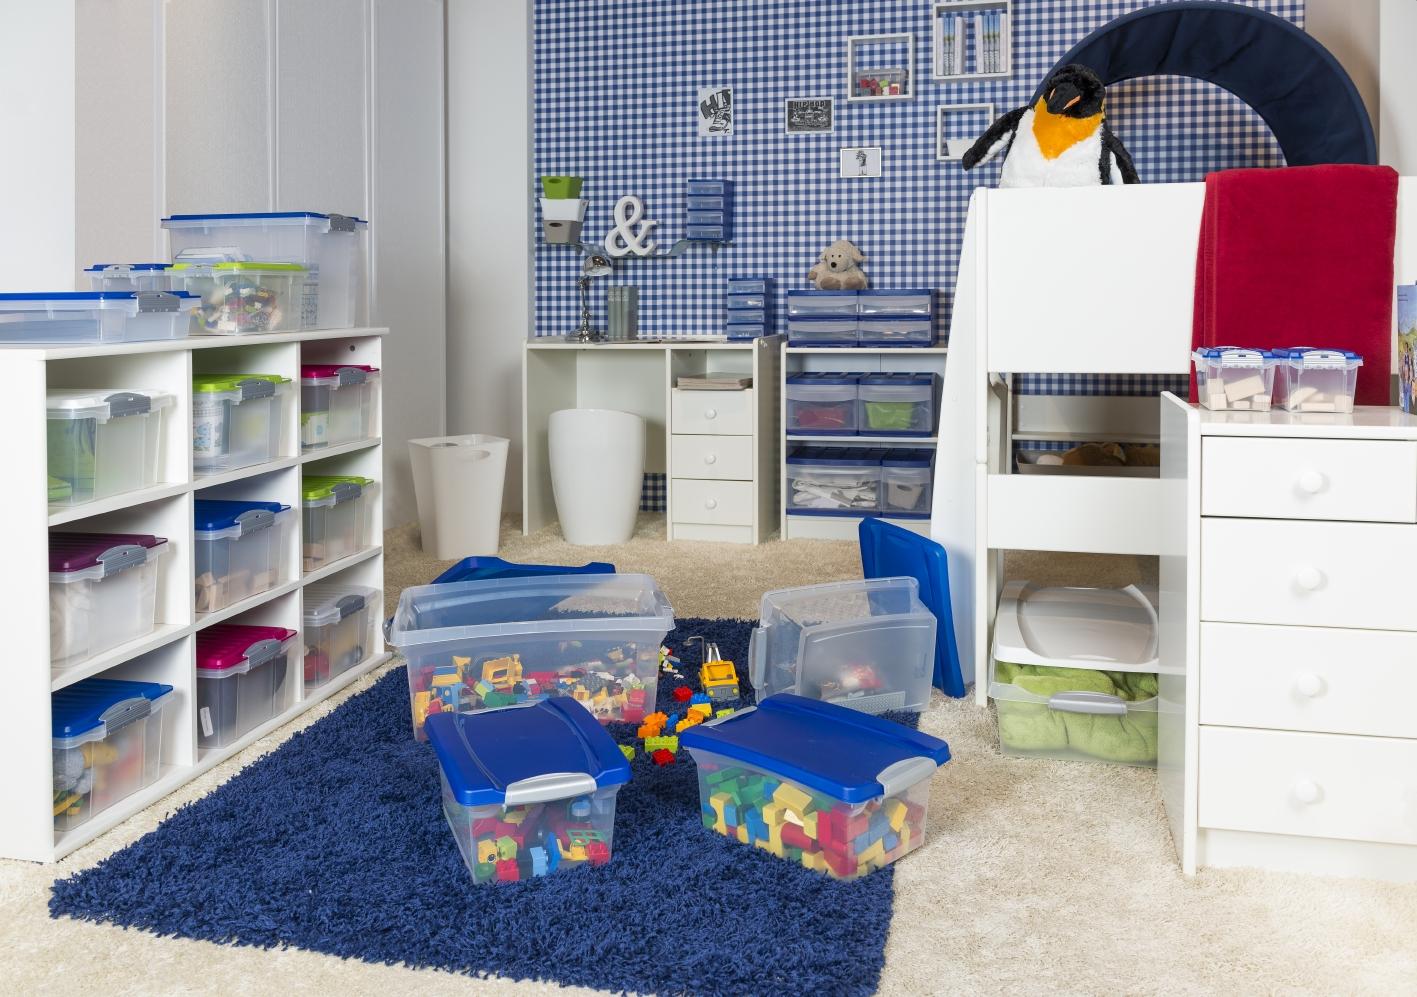 Full Size of Aufbewahrungsbox Kinderzimmer Ordnung Und Aufbewahrung Im So Funktioniert Es Sofa Regale Garten Regal Weiß Wohnzimmer Aufbewahrungsbox Kinderzimmer